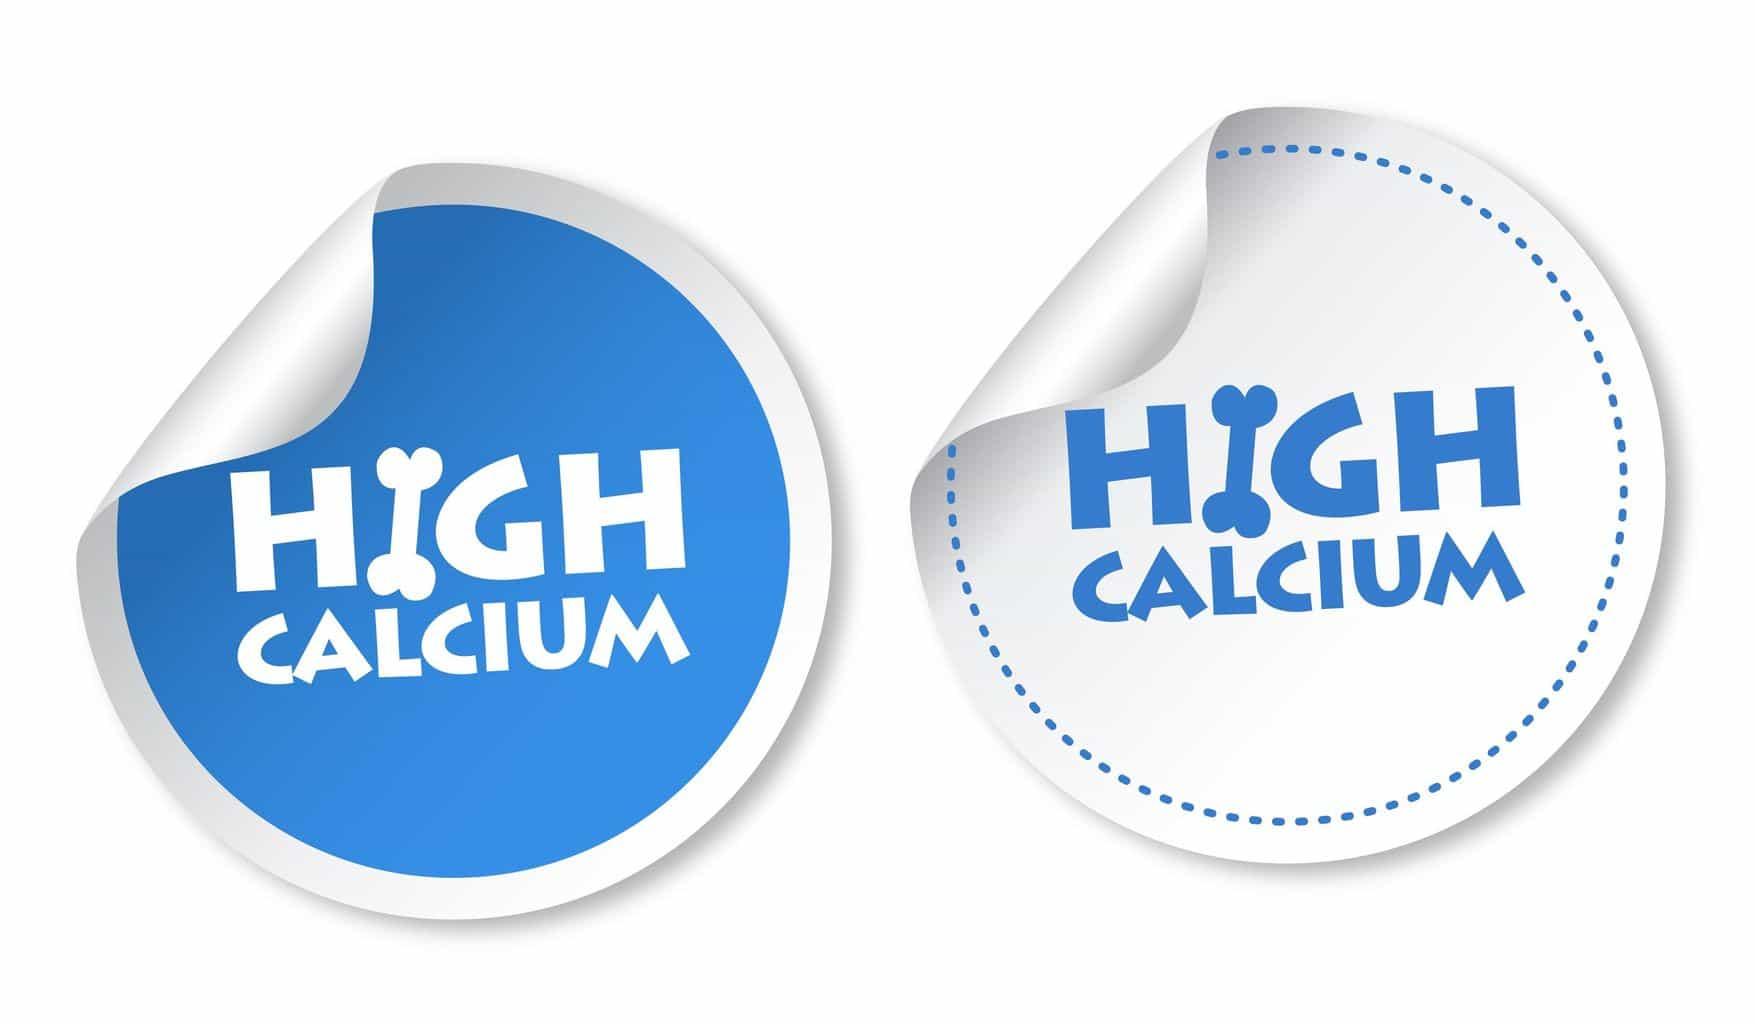 Is higher calcium healthy?